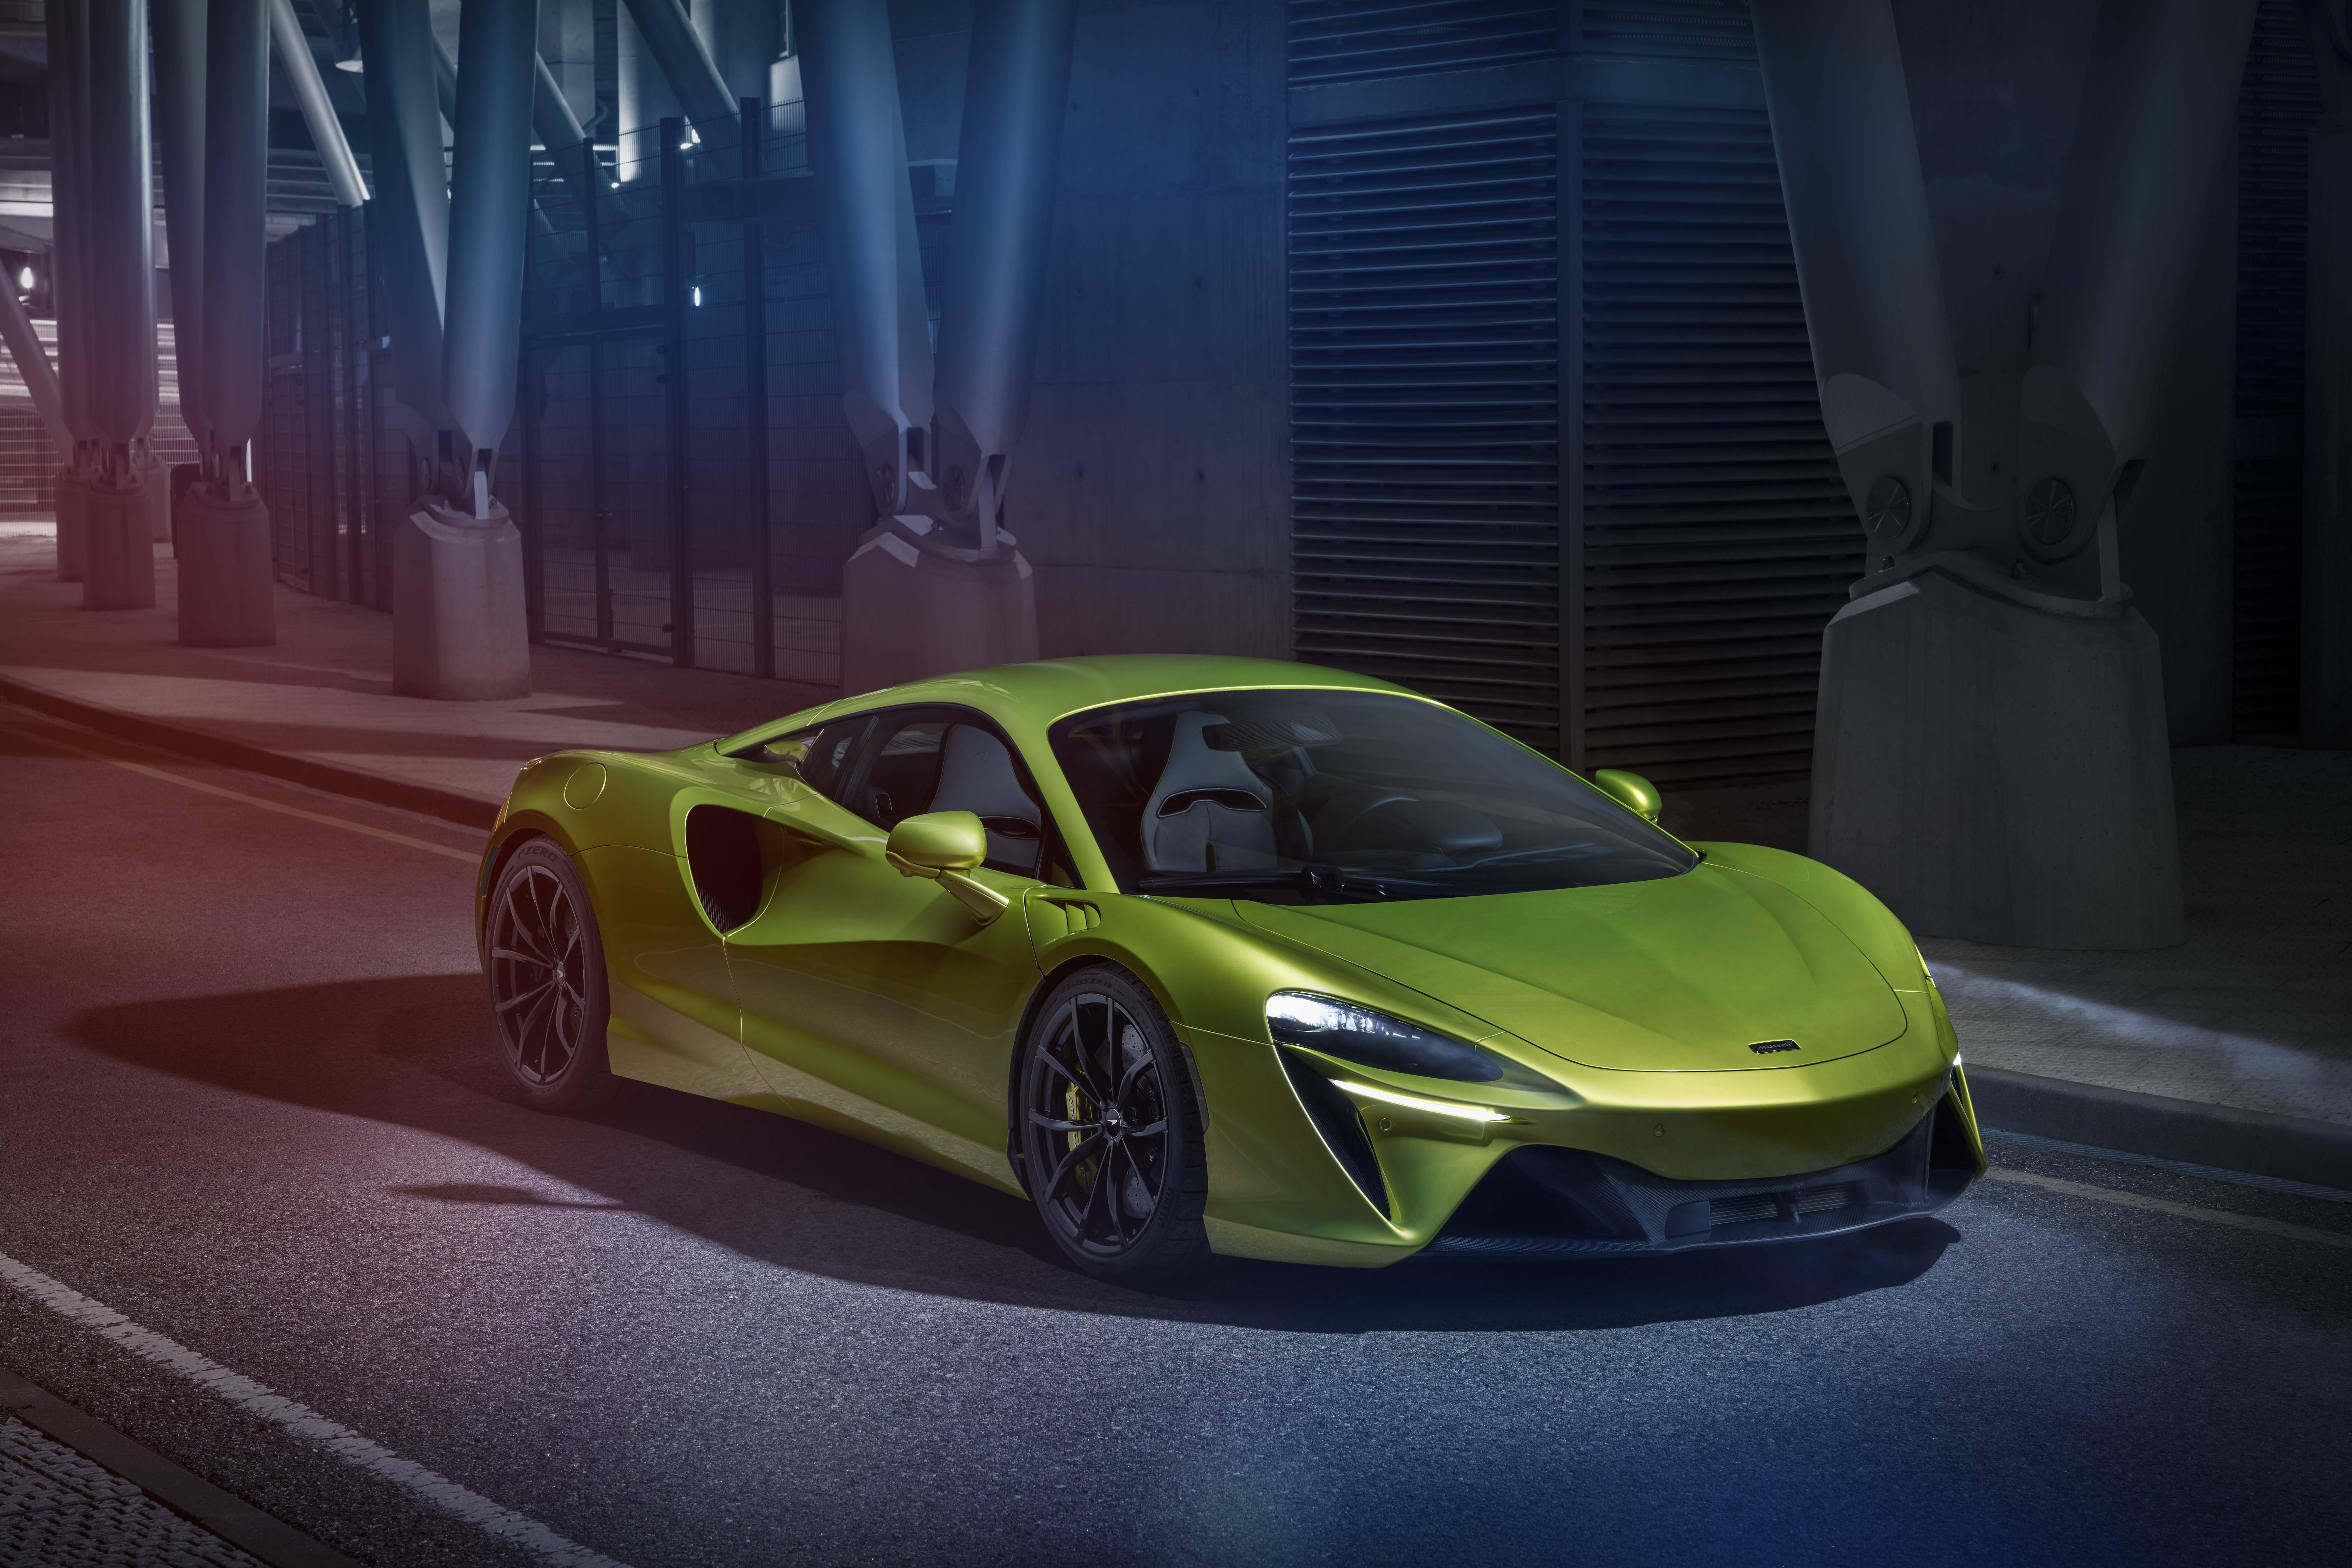 2021 mclaren artura 4k 1618920802 - 2021 McLaren Artura 4k - 2021 McLaren Artura 4k wallpapers